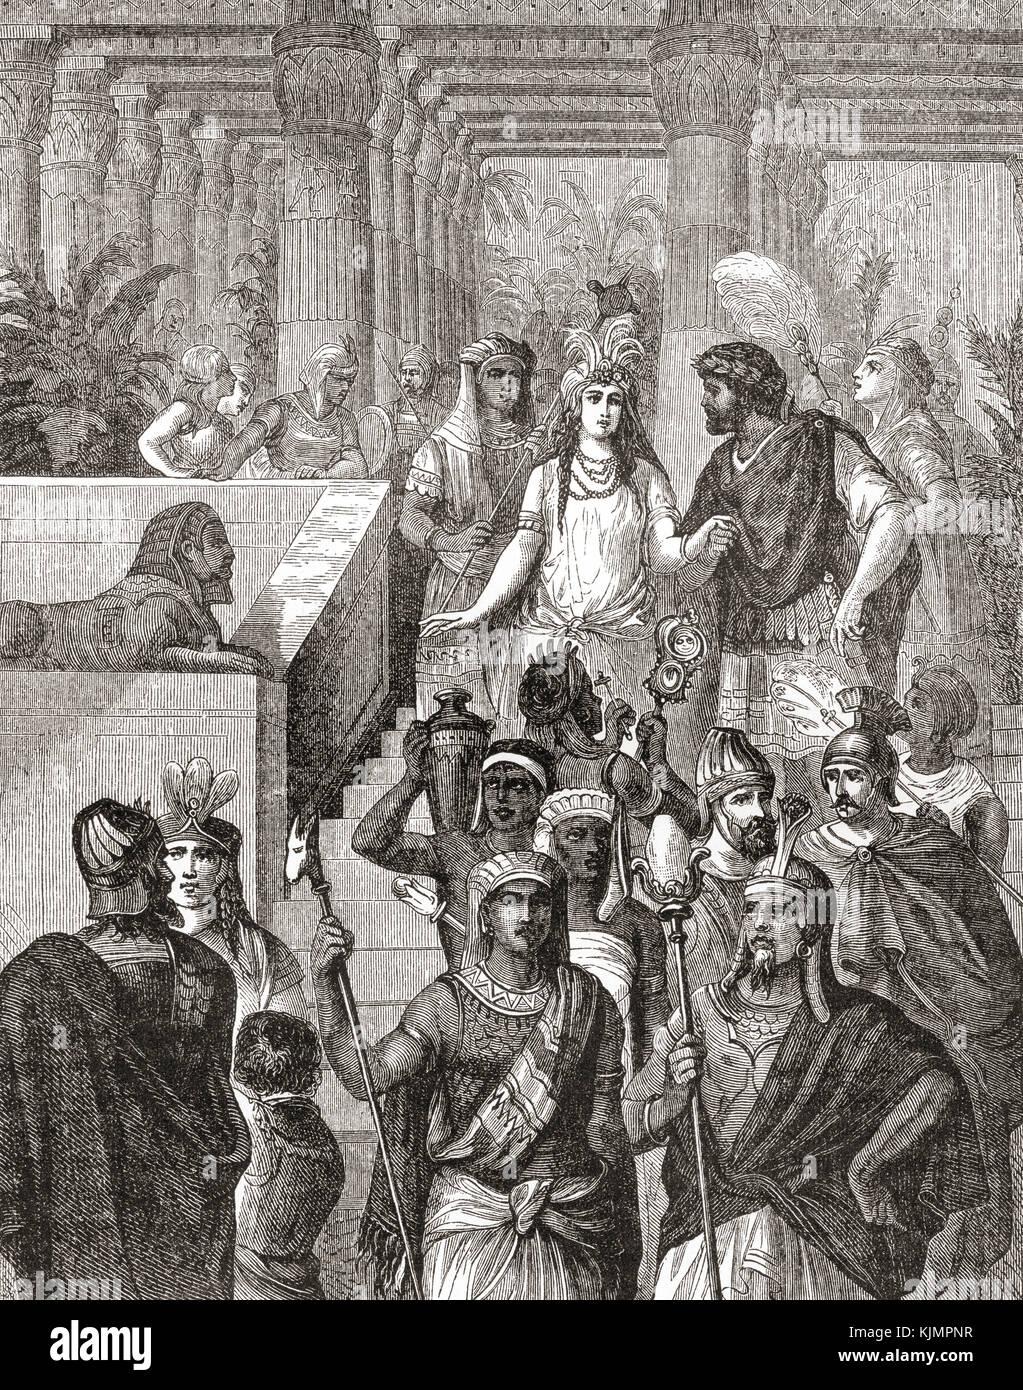 Antonio y Cleopatra en Egipto. cleopatra vii philopator, 69 - 30 A.C., aka cleopatra. active último gobernante Imagen De Stock